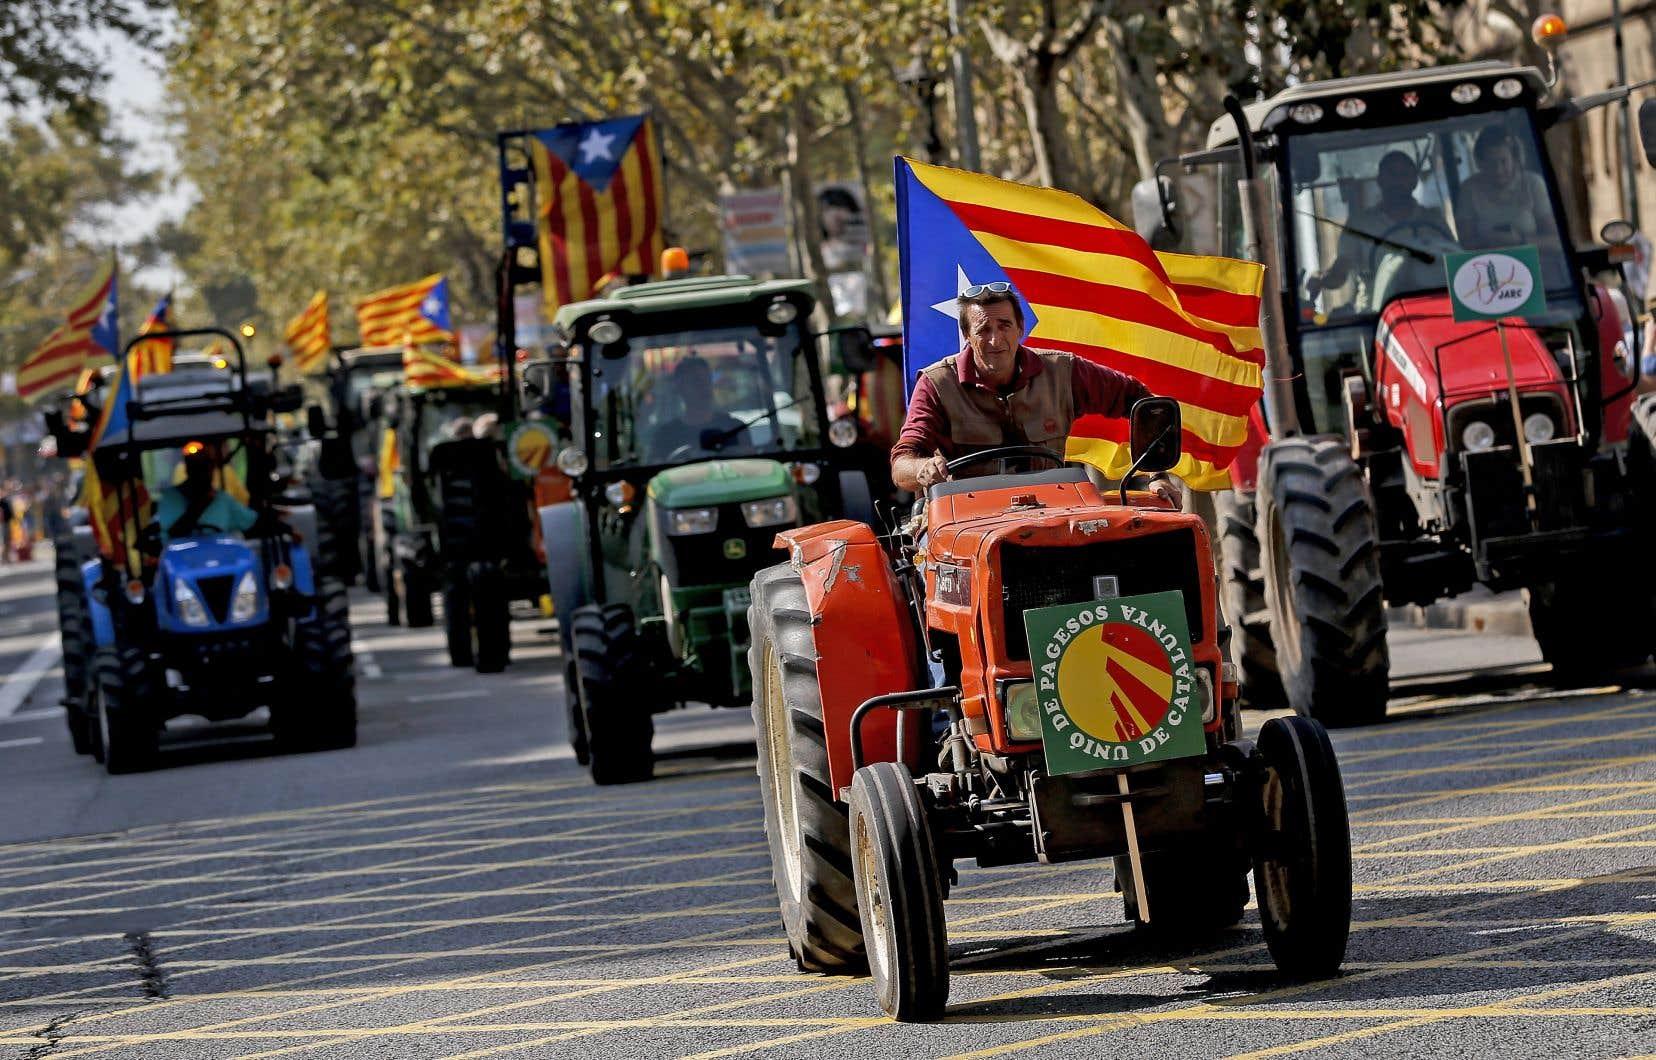 Des agriculteurs sont partis de leur campagne pour rejoindre Barcelone, vendredi, et manifester ainsi leur volonté de tout mettre en œuvre pour que le référendum de dimanche puisse être tenu malgré l'opposition de Madrid.